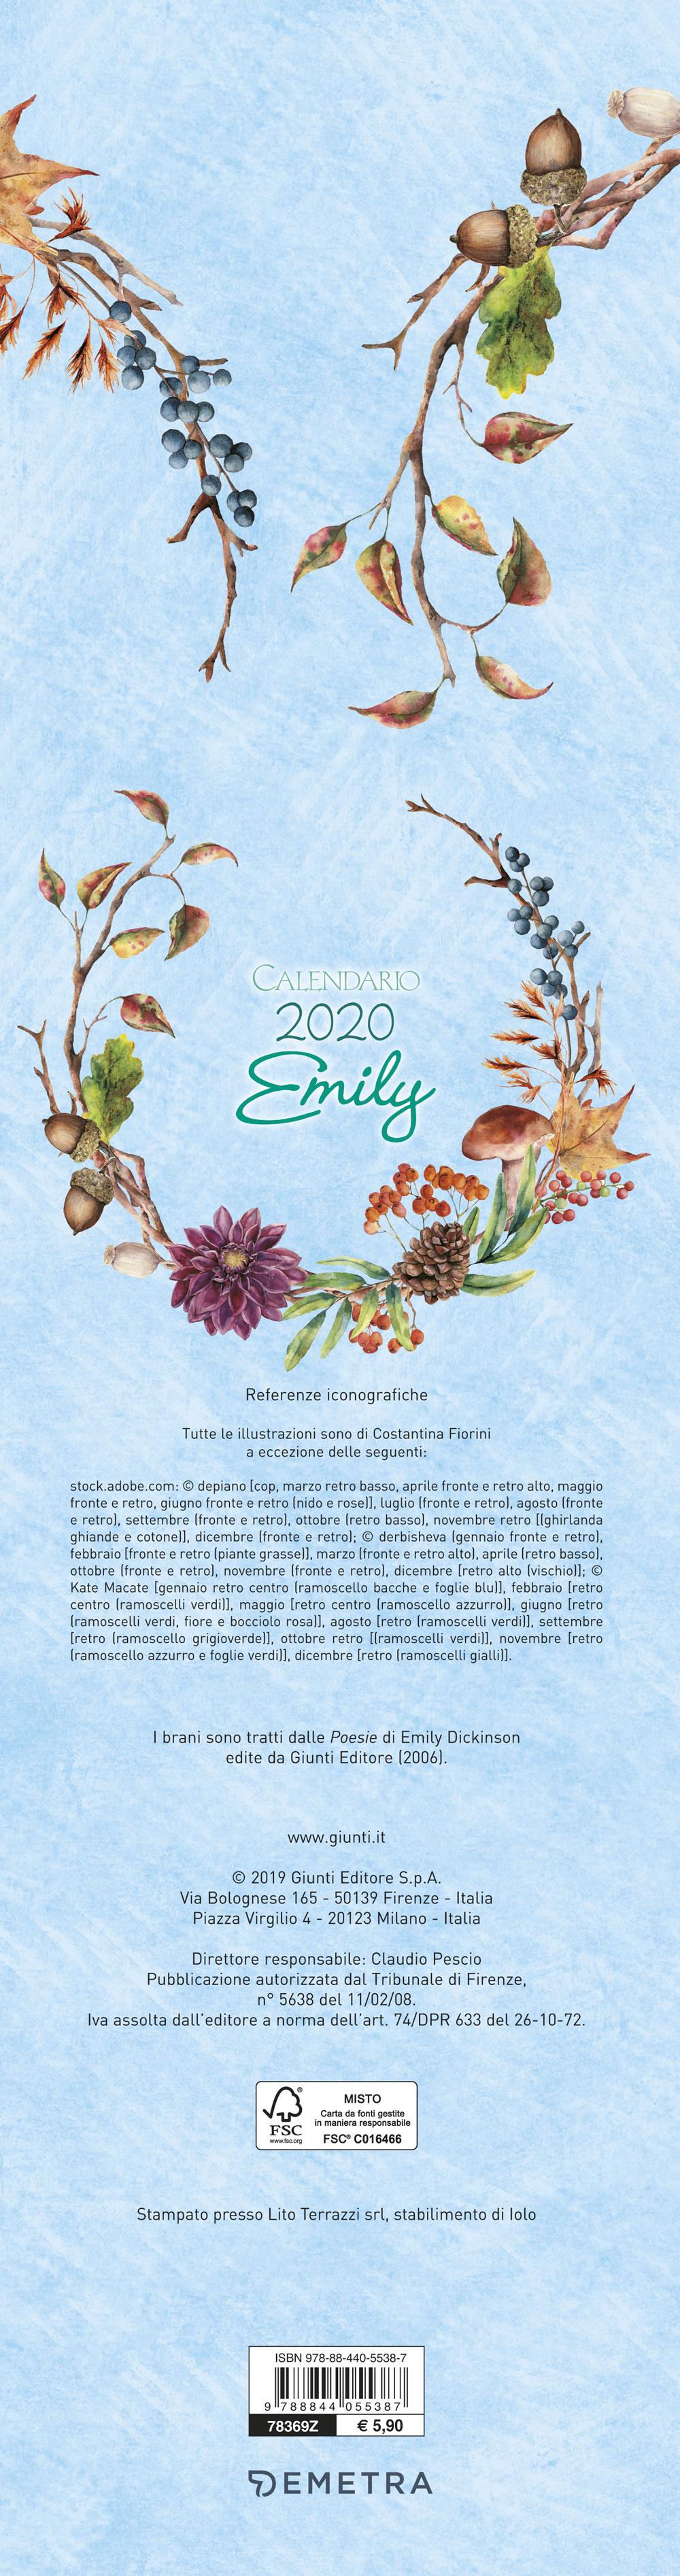 Calendario Emily stretto 2020